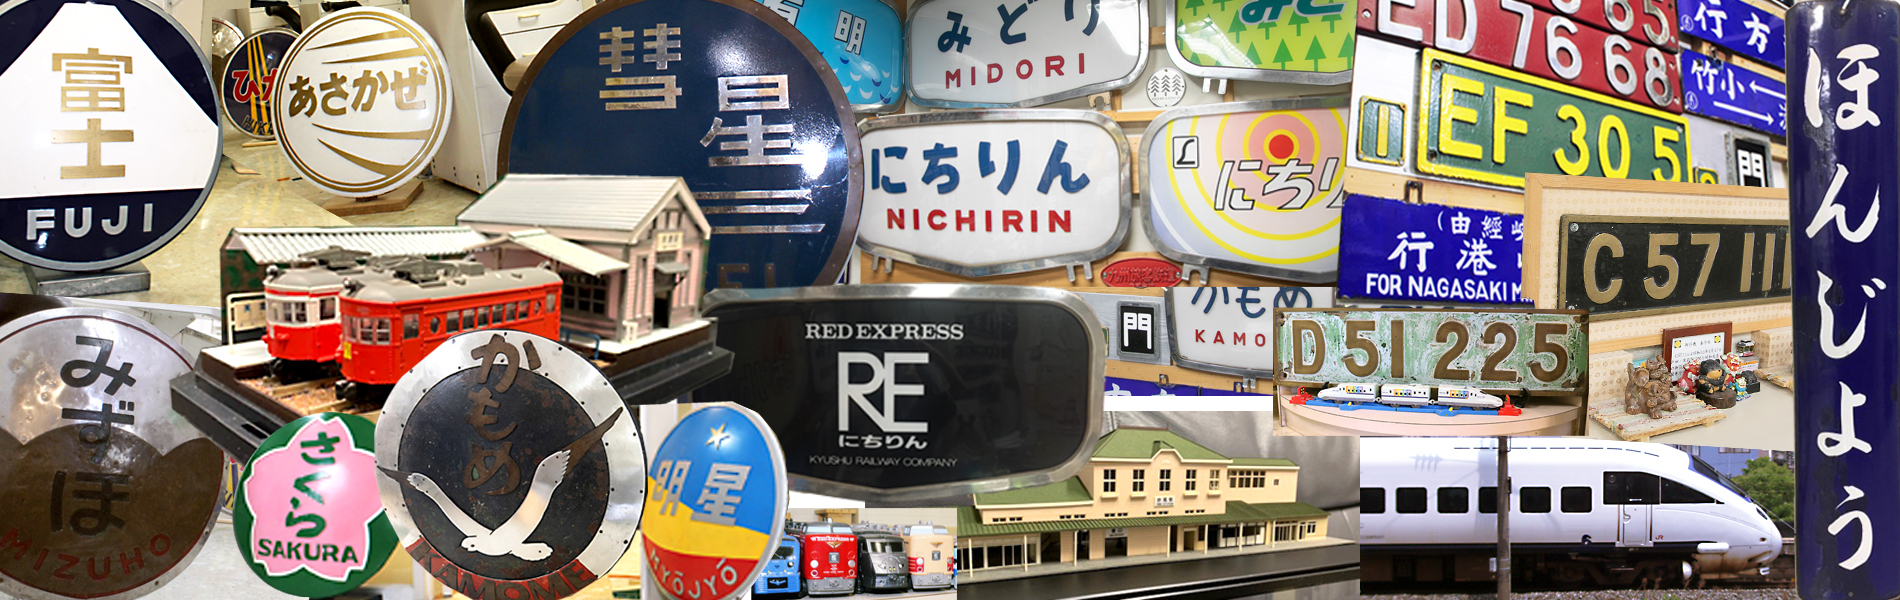 九州鉄道記念館戸畑分館